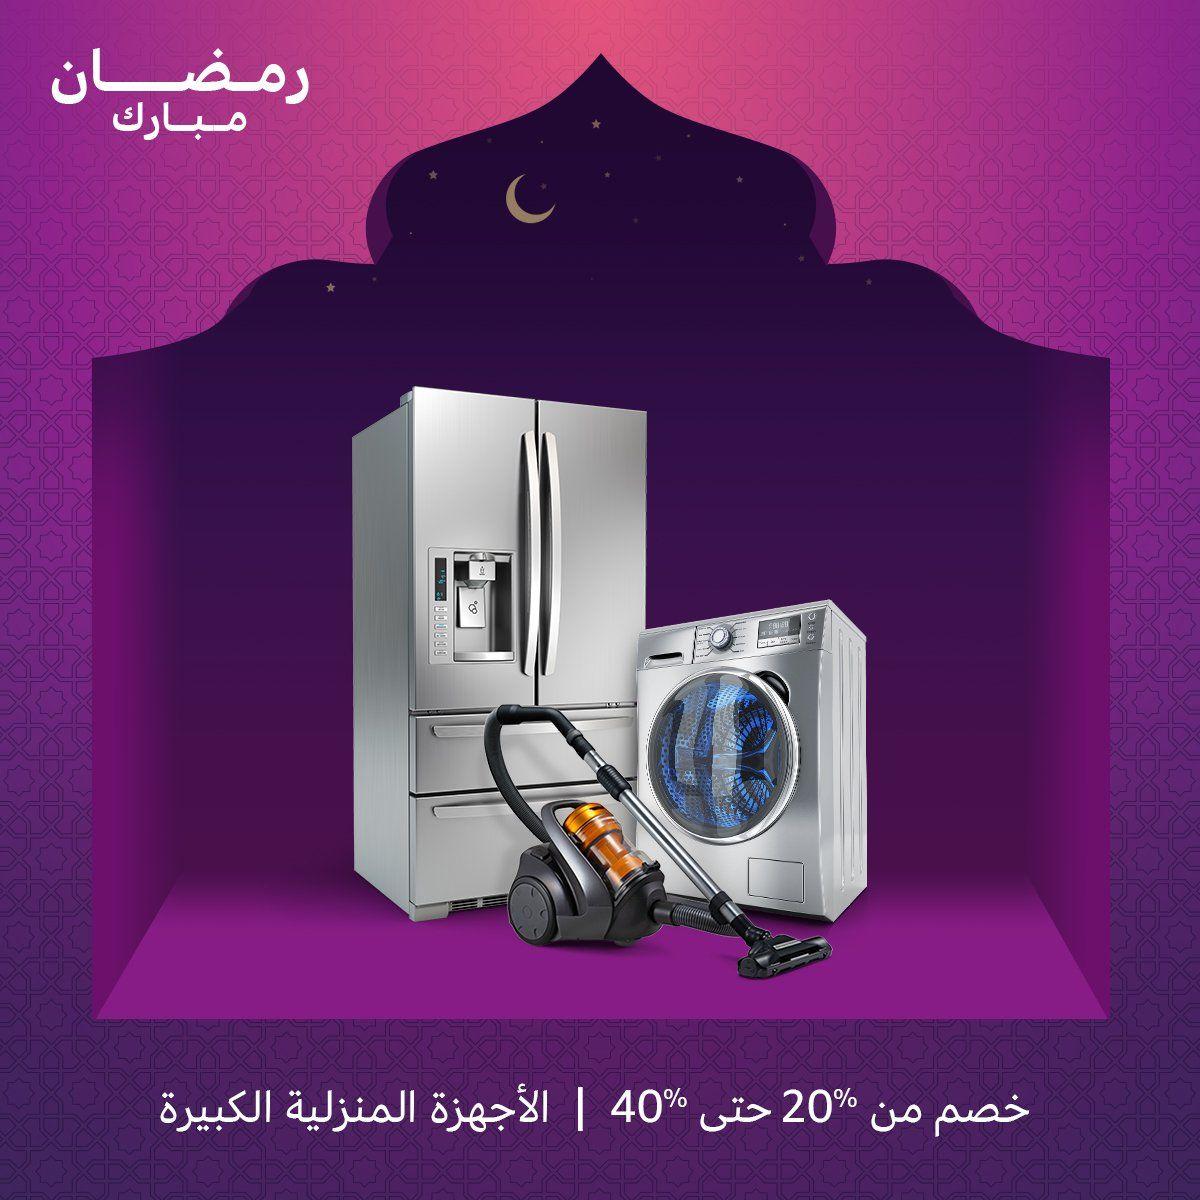 رمضان مبارك عروضنا غير بشهر الخير تشكيلة منوعة من العروض عل الأجهزة المنزلية الكبيرة أحصل على خصم إضافي 10 مع كوبون Ramadan تسوق ال Coupon Codes Coding